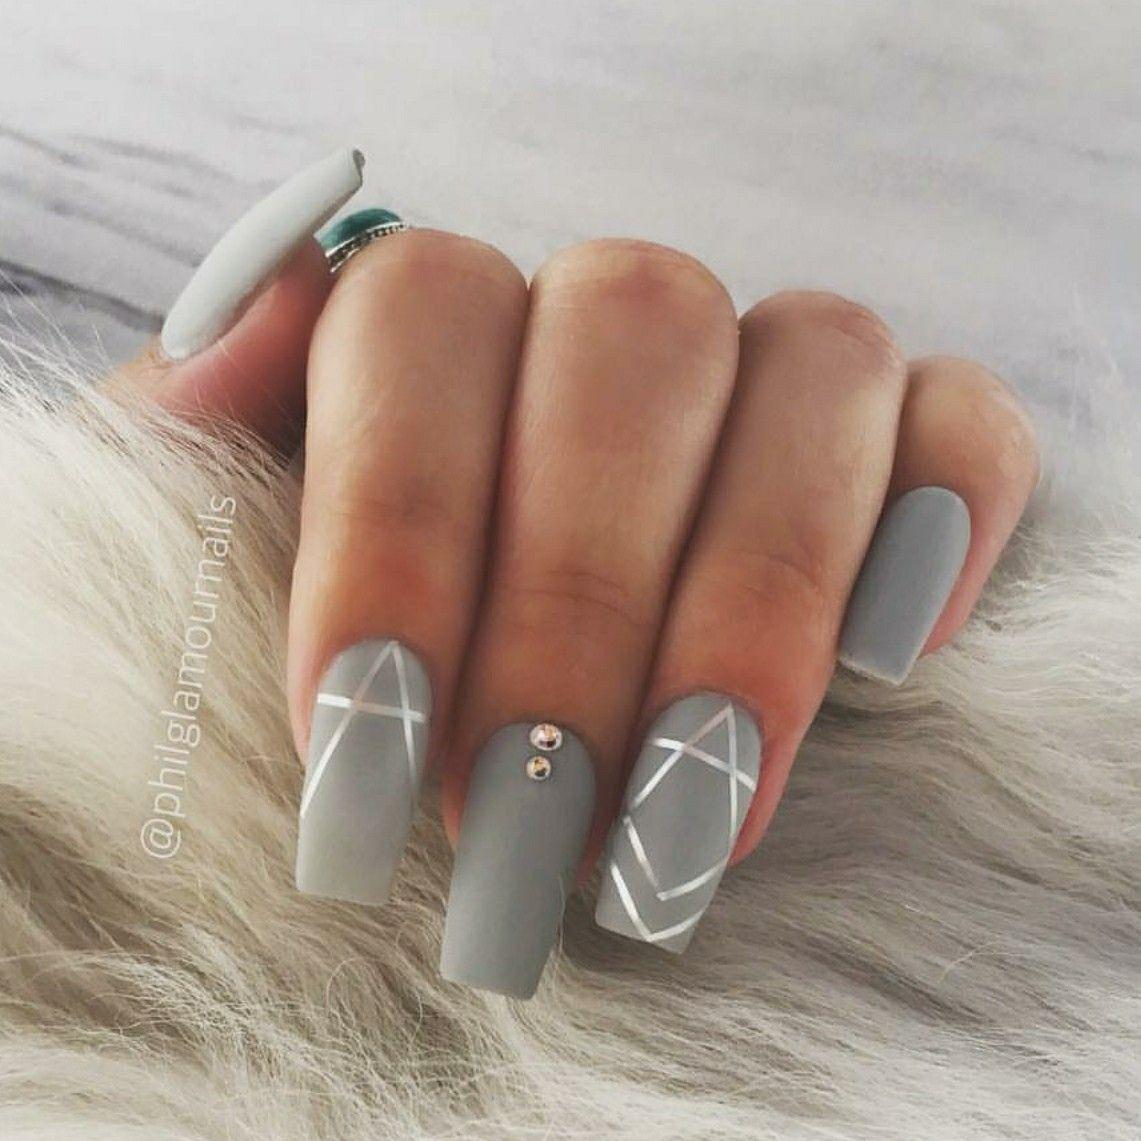 Matte Nails Gray Nails Gray And Silver Nails Acrylic Nails Square Nails Silver Nails Grey Acrylic Nails Gray Nails